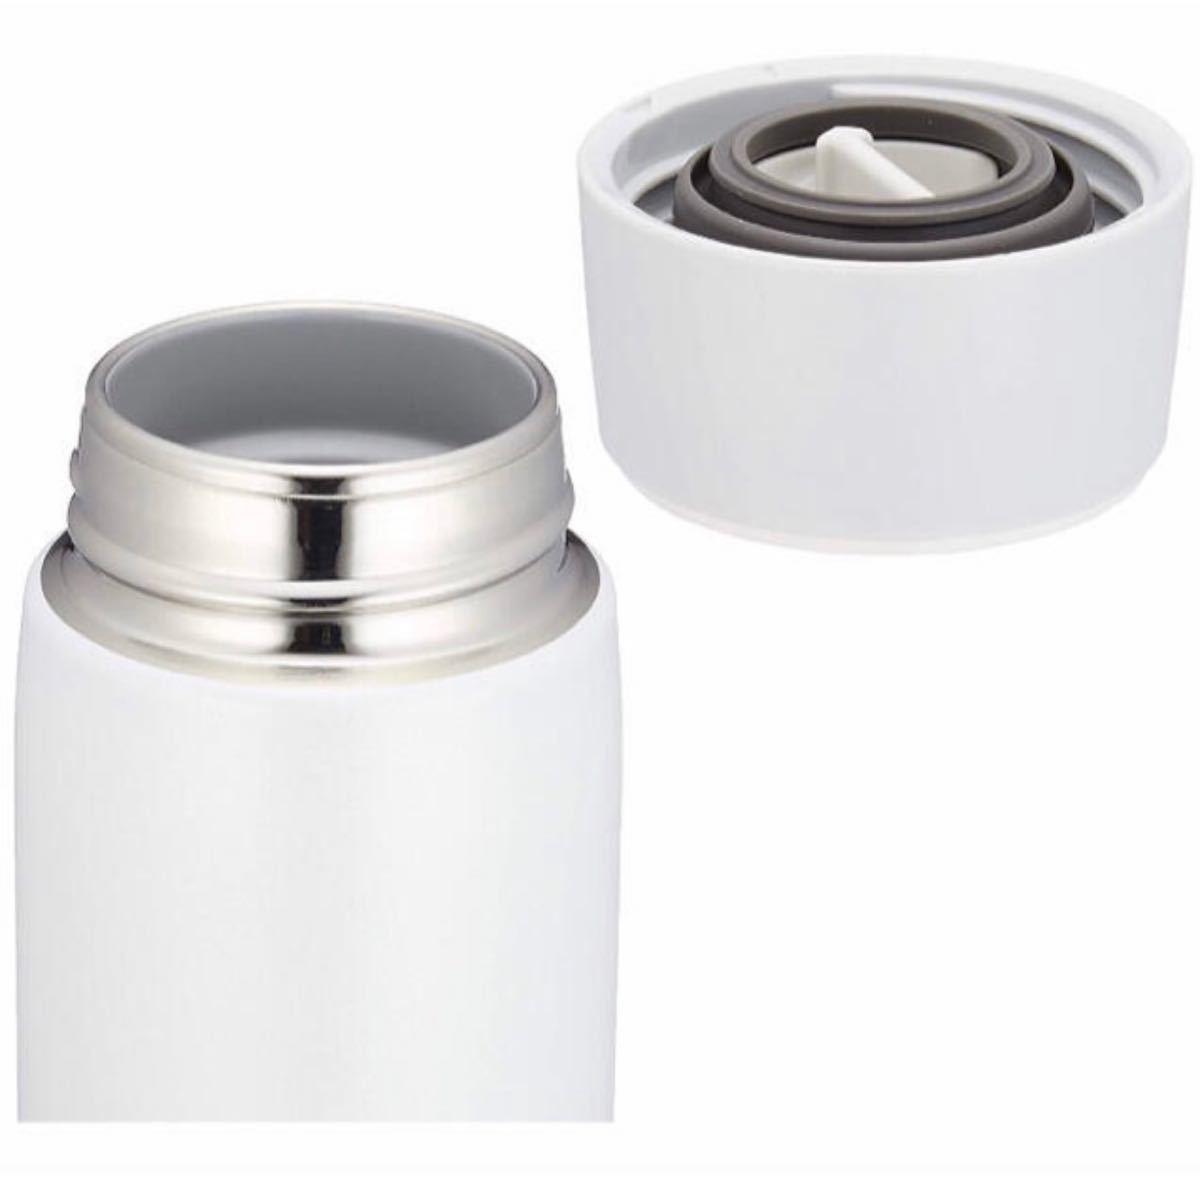 ★期間限定お値下げ 象印 保冷保温マグボトル 480ml 色やサーモスへの変更可能  ステンレスボトル 水筒 ZOJIRUSHI